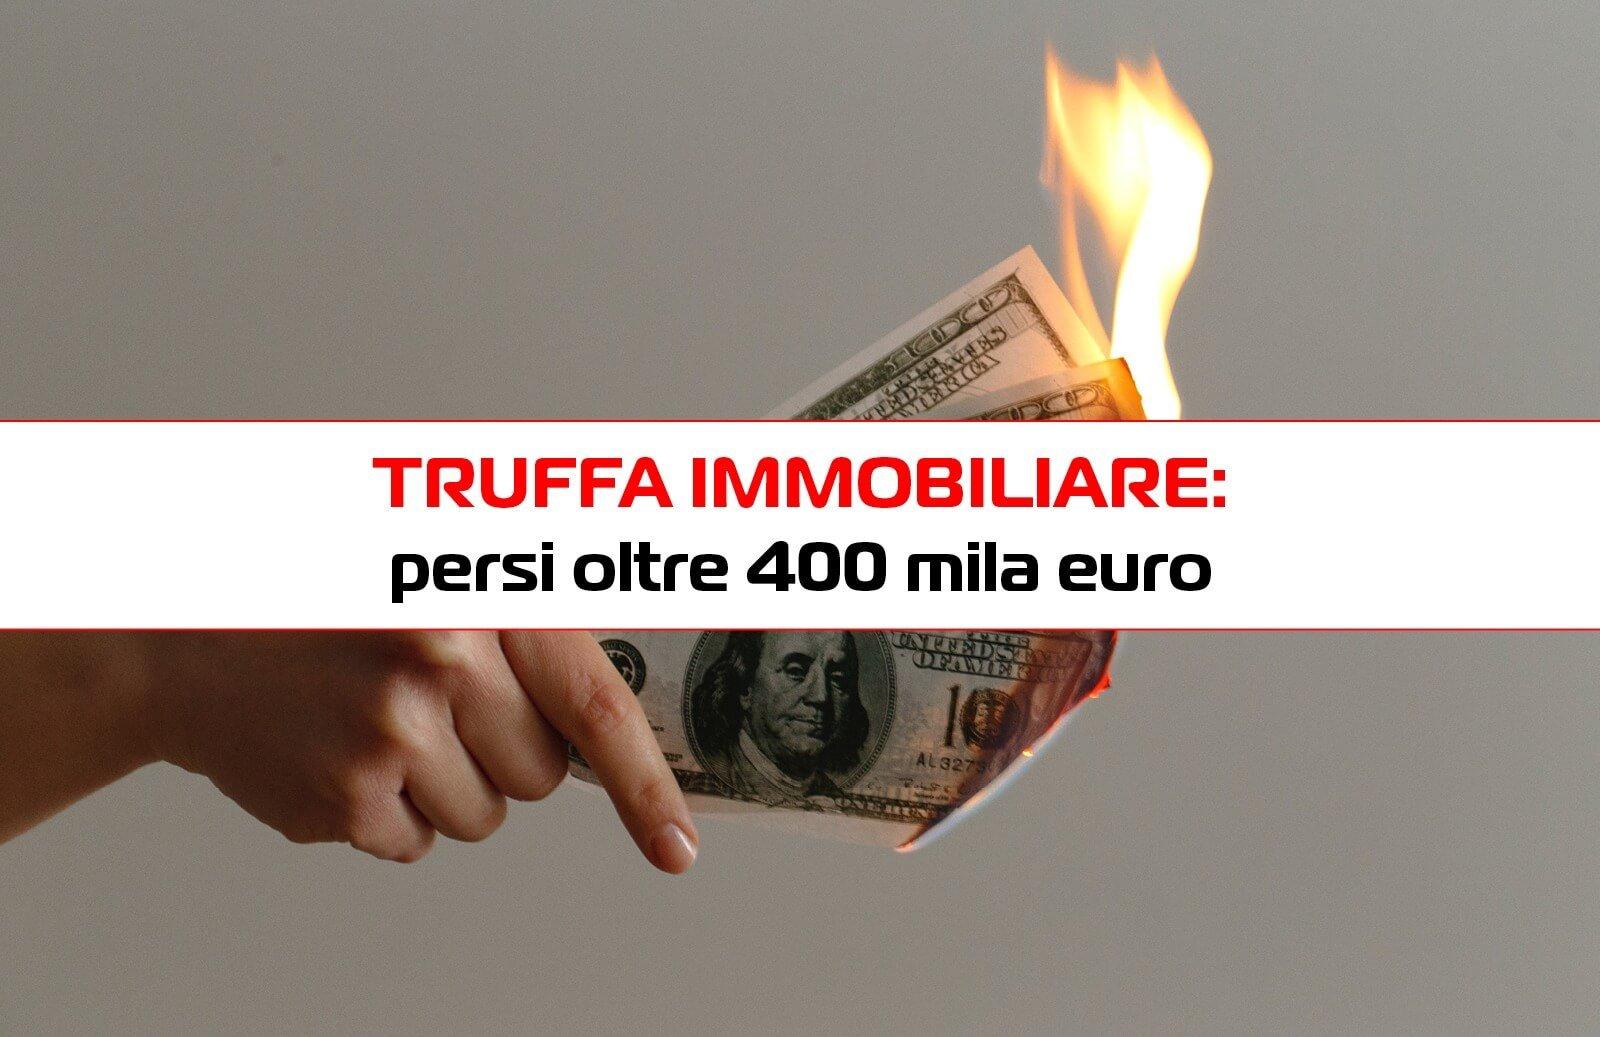 truffa immobiliare persi oltre 400 mila euro